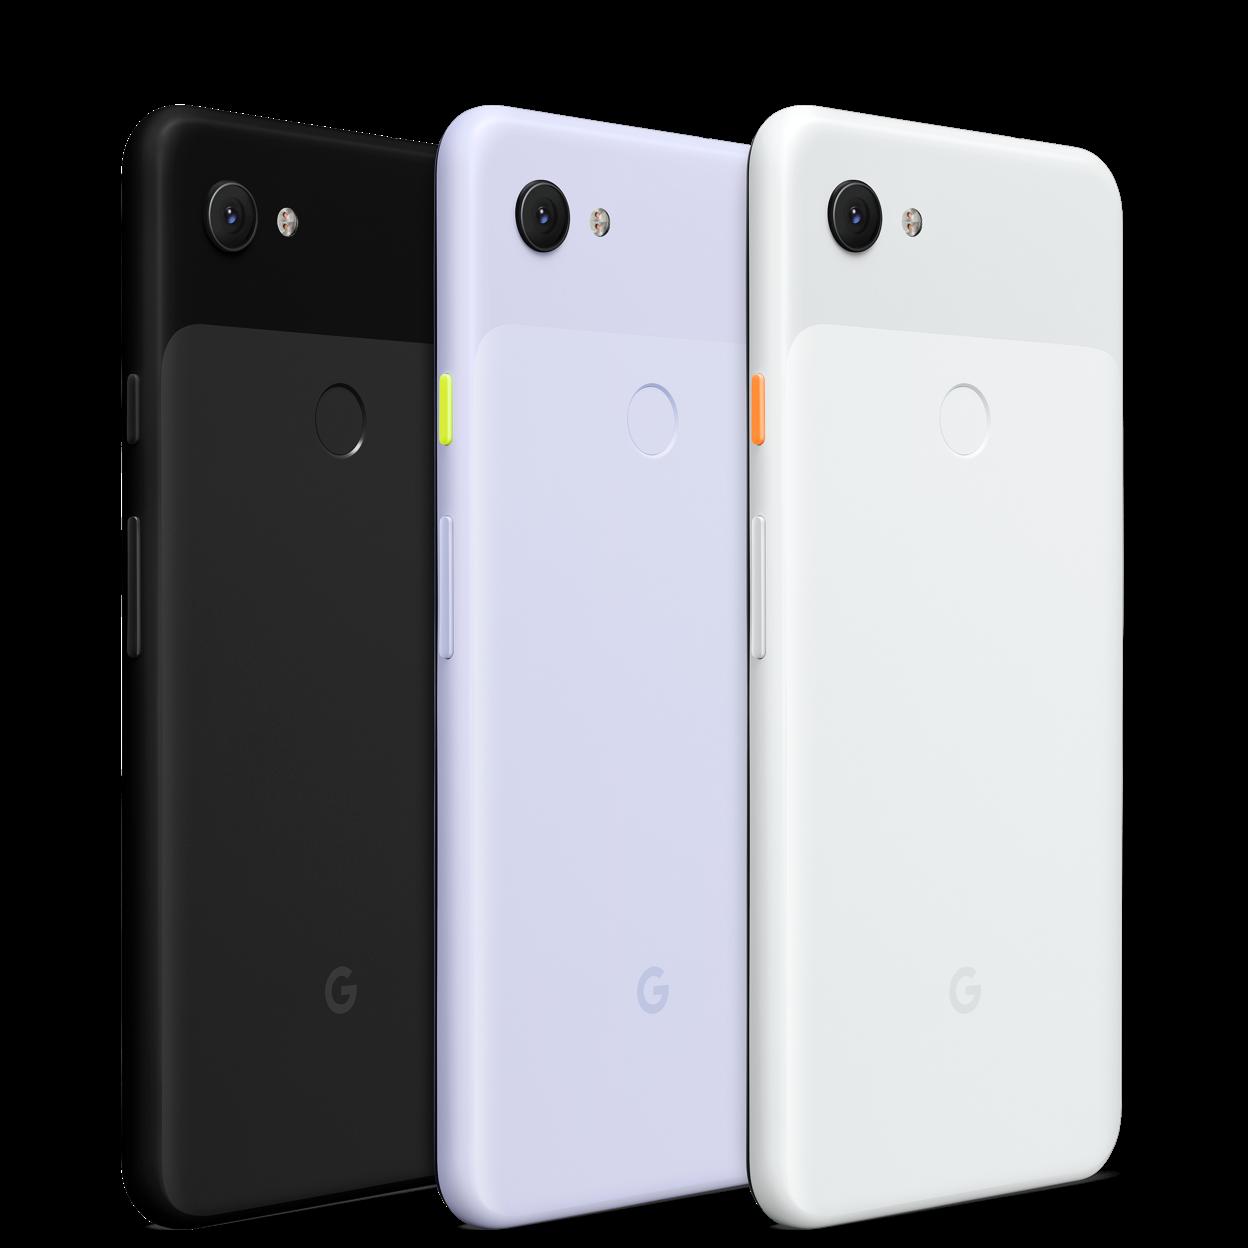 Best Budget Phones 2019 - Unlocked Phones Under $200, $300